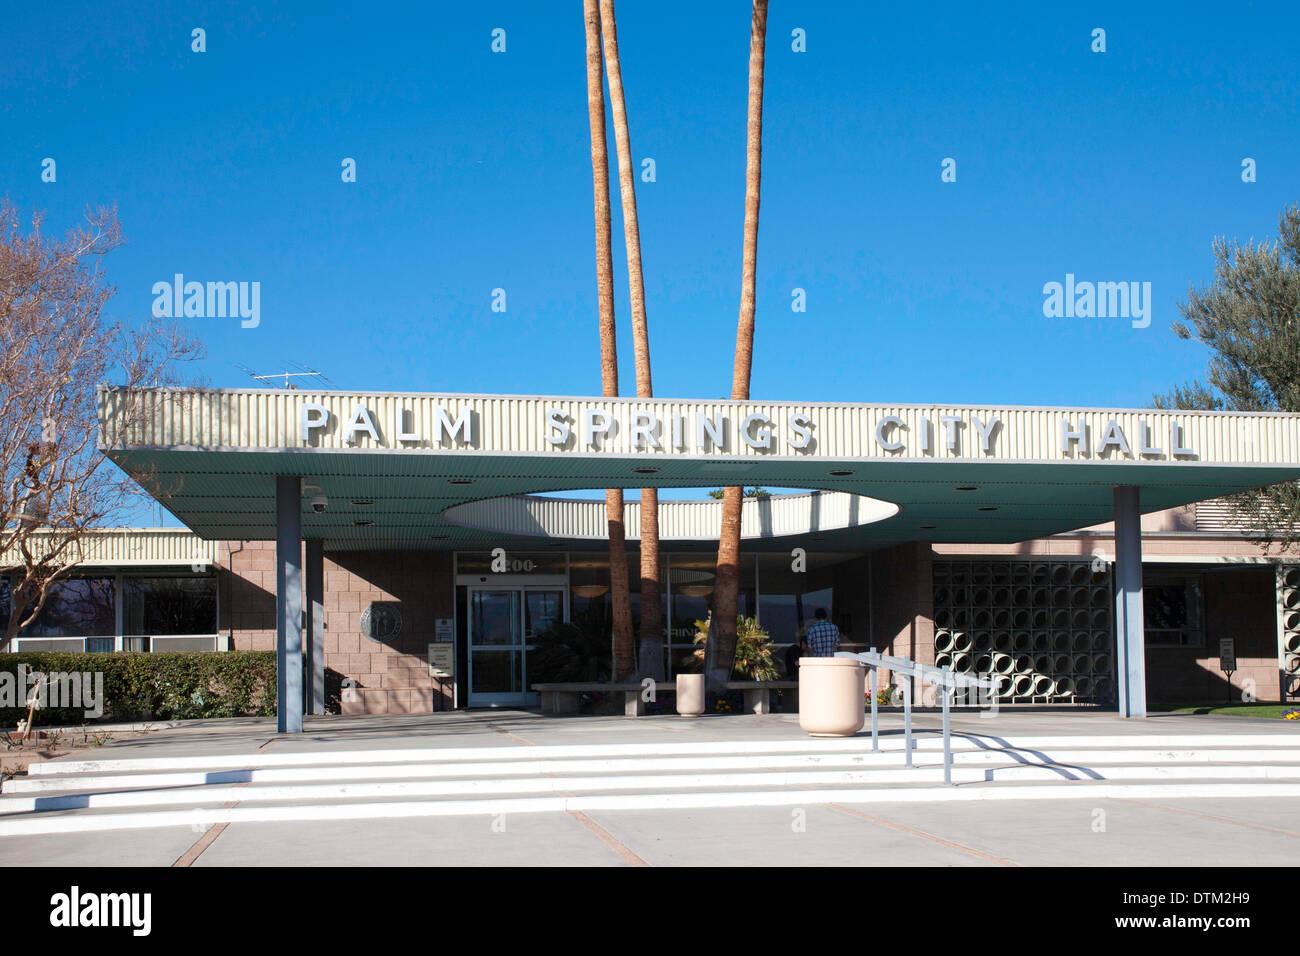 Palm Springs City Hall Stock Photo